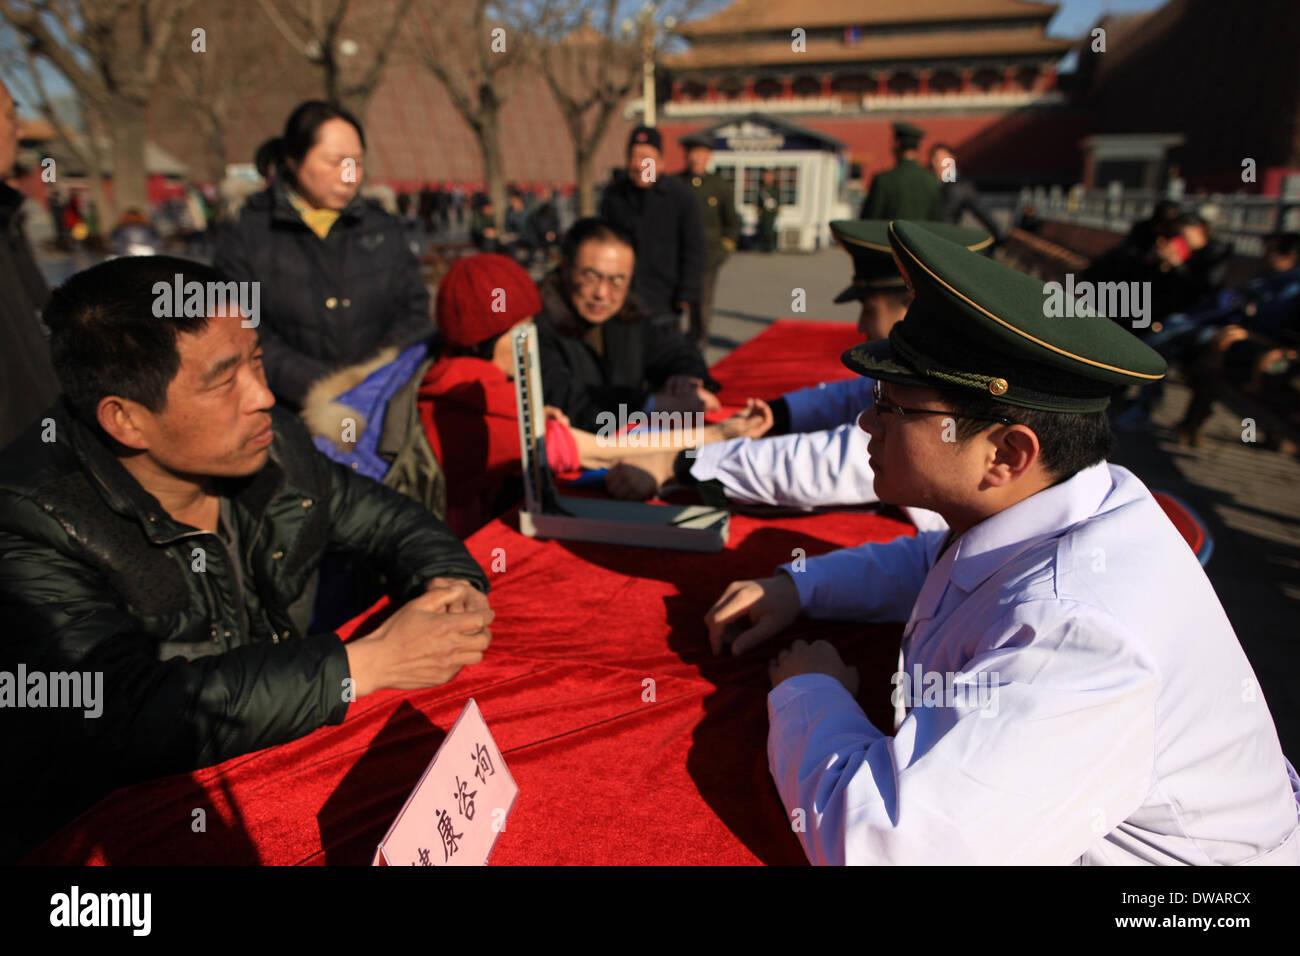 """Pechino, soldato cinese negli anni sessanta. Il 15 agosto, 1962. Un volontario di medici militari offre informazioni di carattere turistico al di fuori della Città Proibita, chiamato anche il museo del palazzo, a Pechino, capitale della Cina, in occasione della """"Lei Feng's Day"""", che cade il 5 marzo di ogni anno. Lei, un giovane soldato cinese negli anni sessanta, è noto per aver dedicato quasi tutto il suo tempo di ricambio e denaro per aiutare disinteressatamente i bisognosi. Egli è morto dopo essere stato colpito da una caduta di pole mentre aiutando un compagno soldato dirigere un carrello su 15 Agosto 1962. Credito: Liu Changlong/Xinhua/Alamy Live News Immagini Stock"""